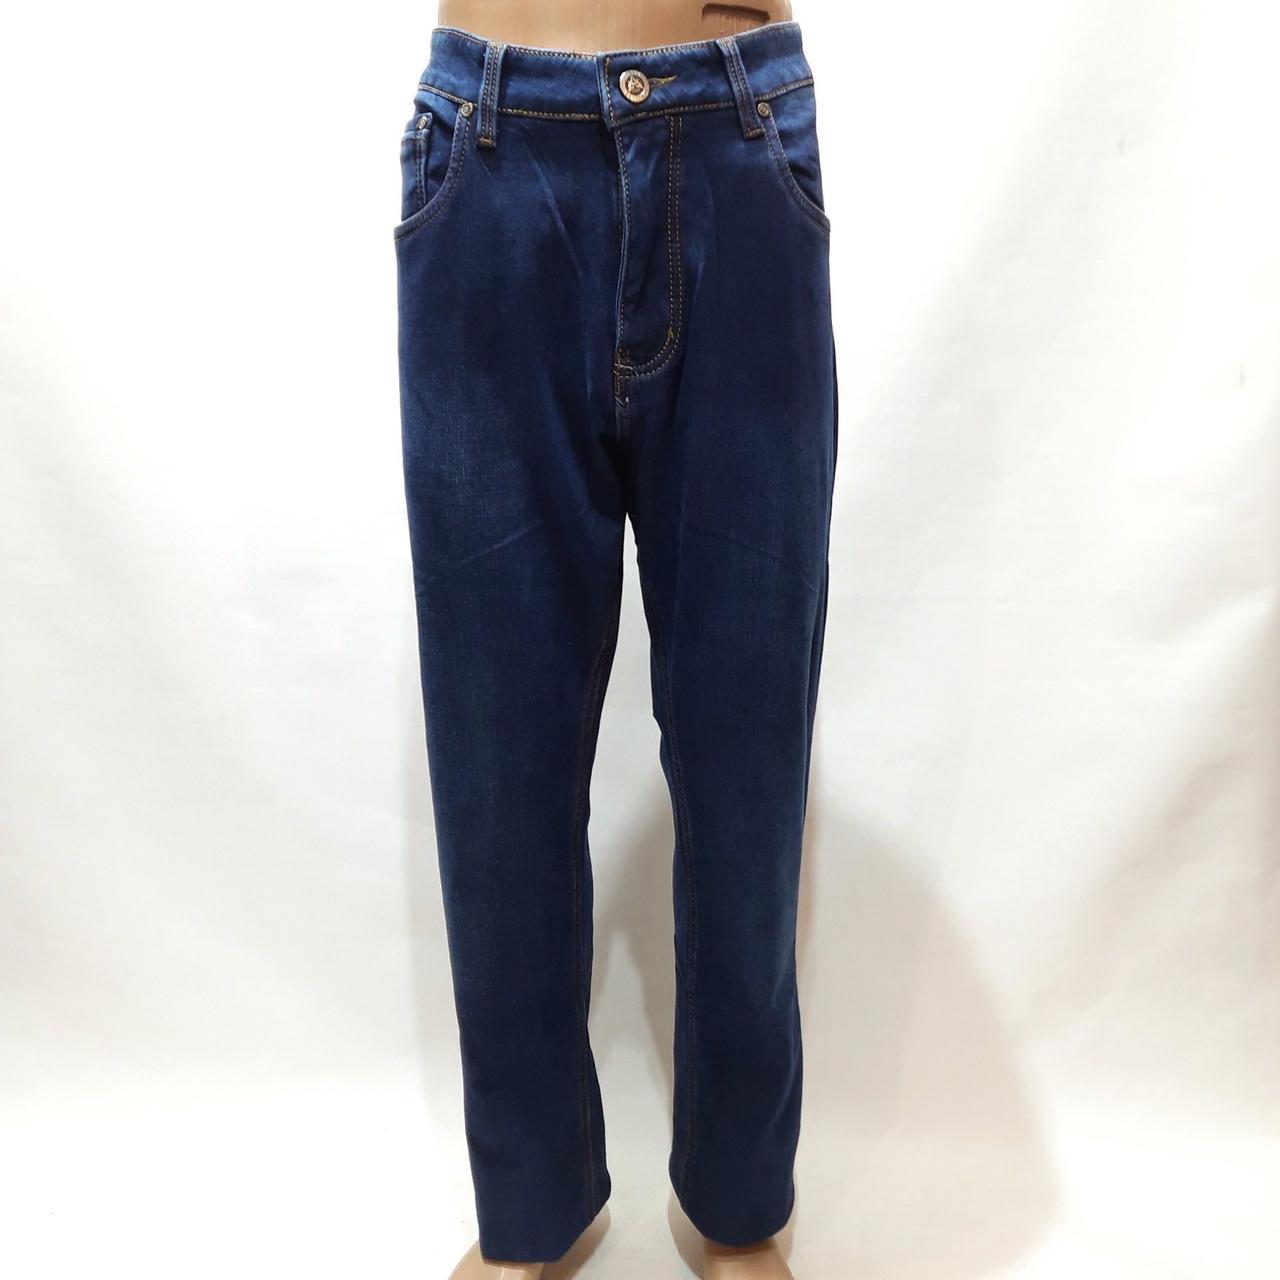 Зимние мужские джинсы (Большие размеры) Atwolves с высокой посадкой